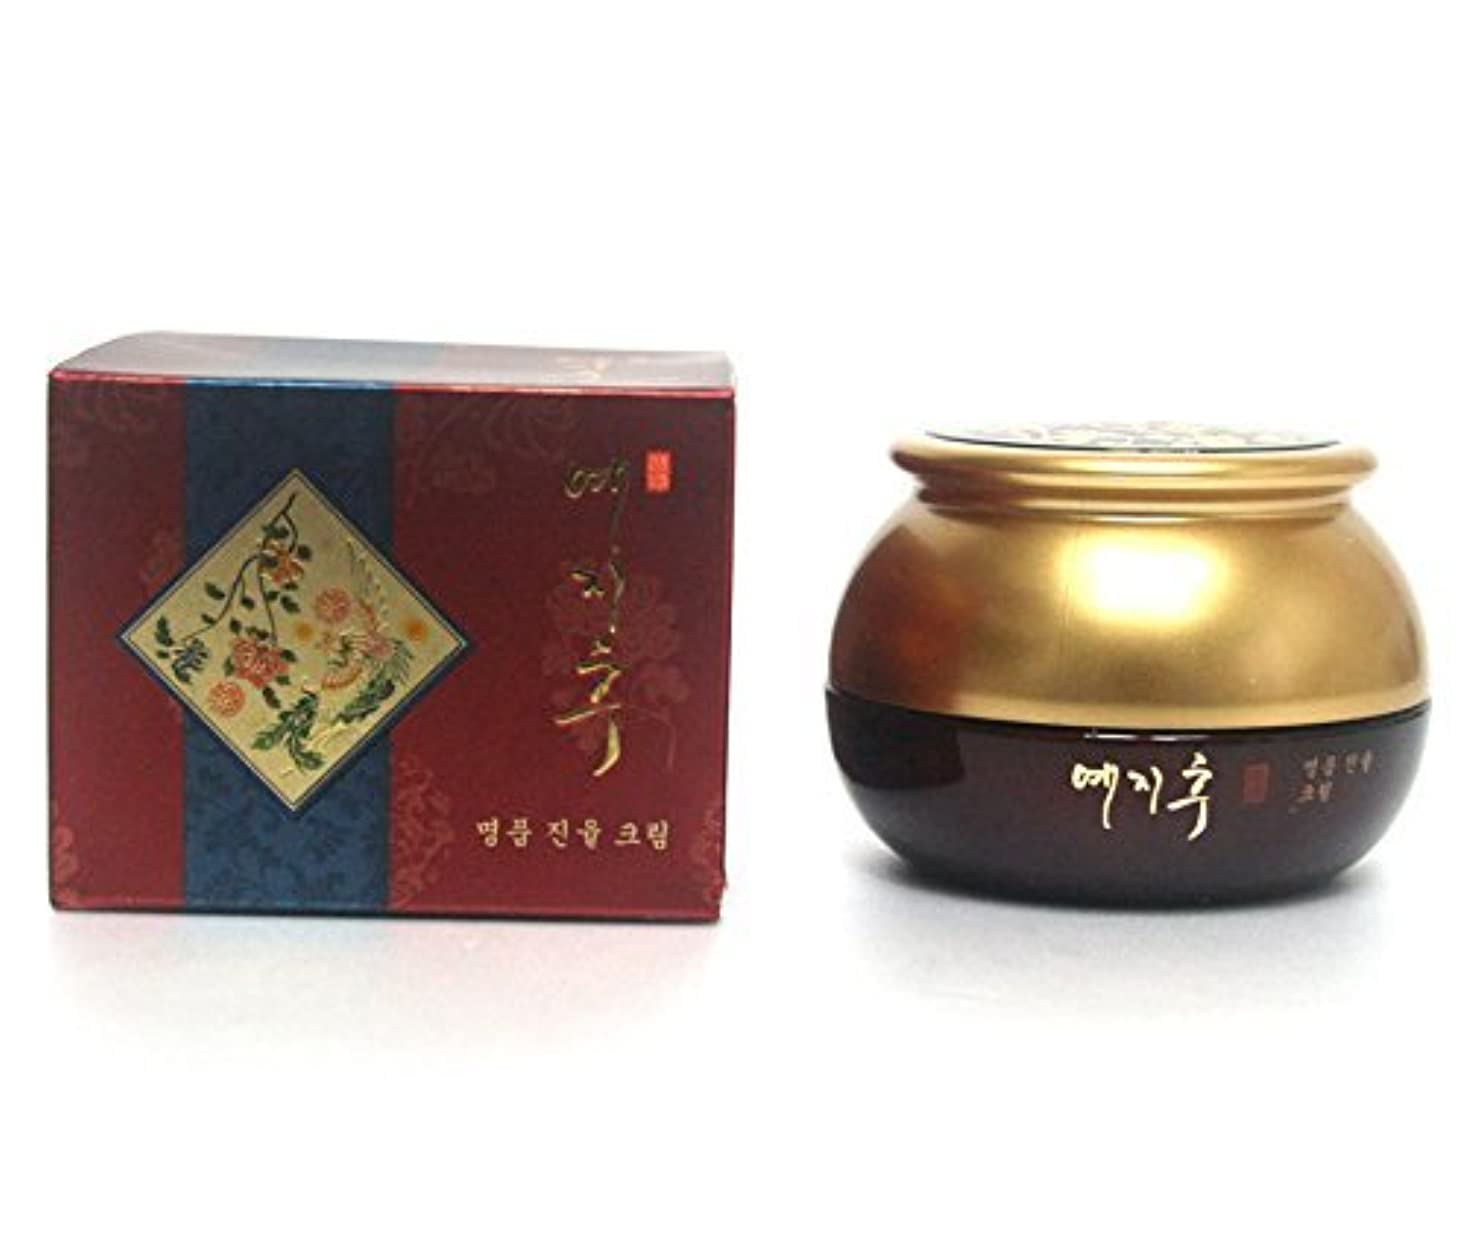 公演ステーキ方程式[YEZIHU] 紅参クリーム50g / ナチュラルオリエンタルハーブ / 韓国化粧品 / RED Ginseng Cream 50g / Natural Oriental Herbs / Korean Cosmetics...